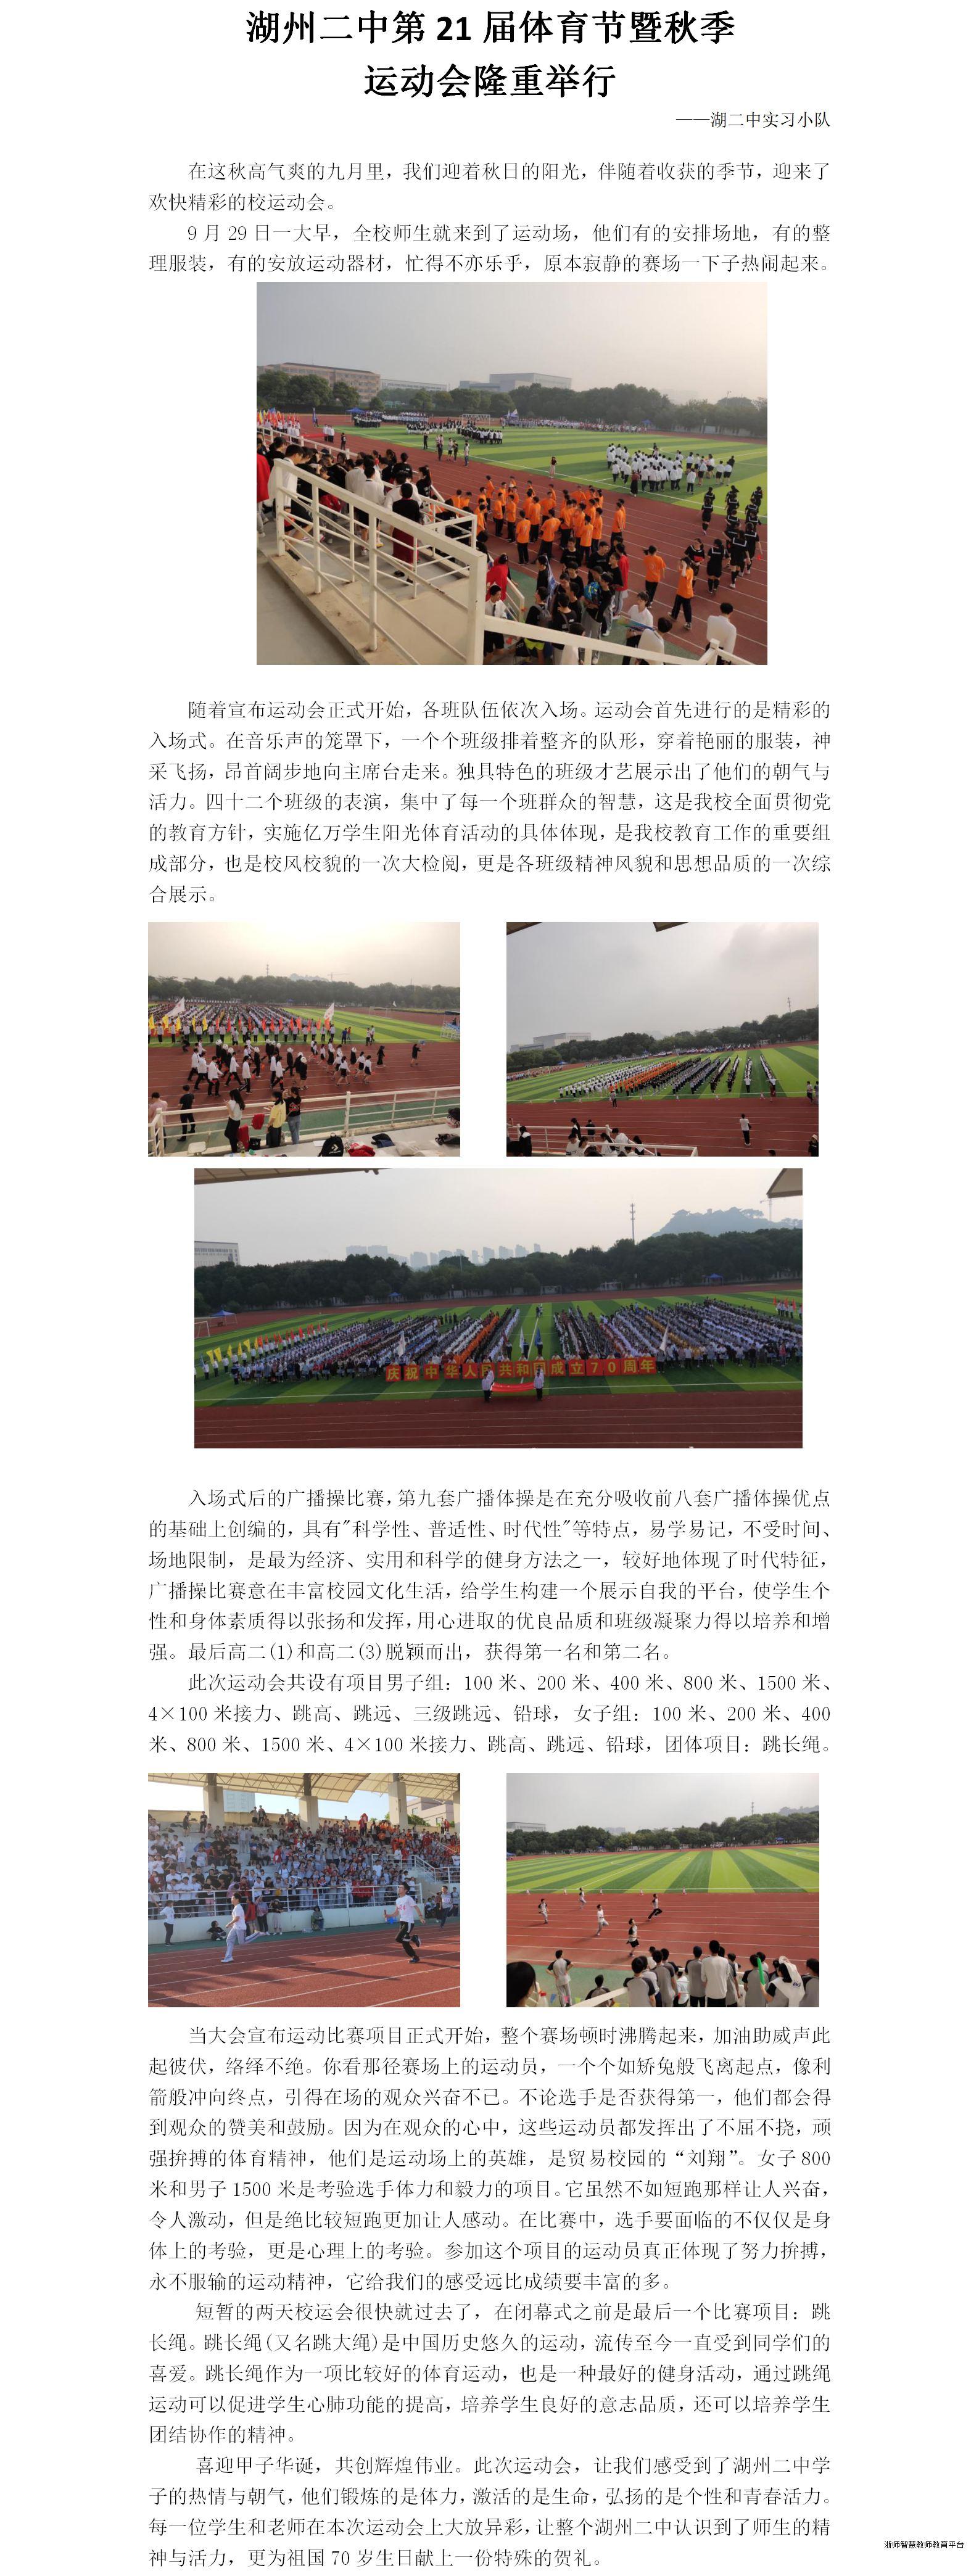 湖州二中第21届体育节暨秋季运动会(化学组新闻稿0929)